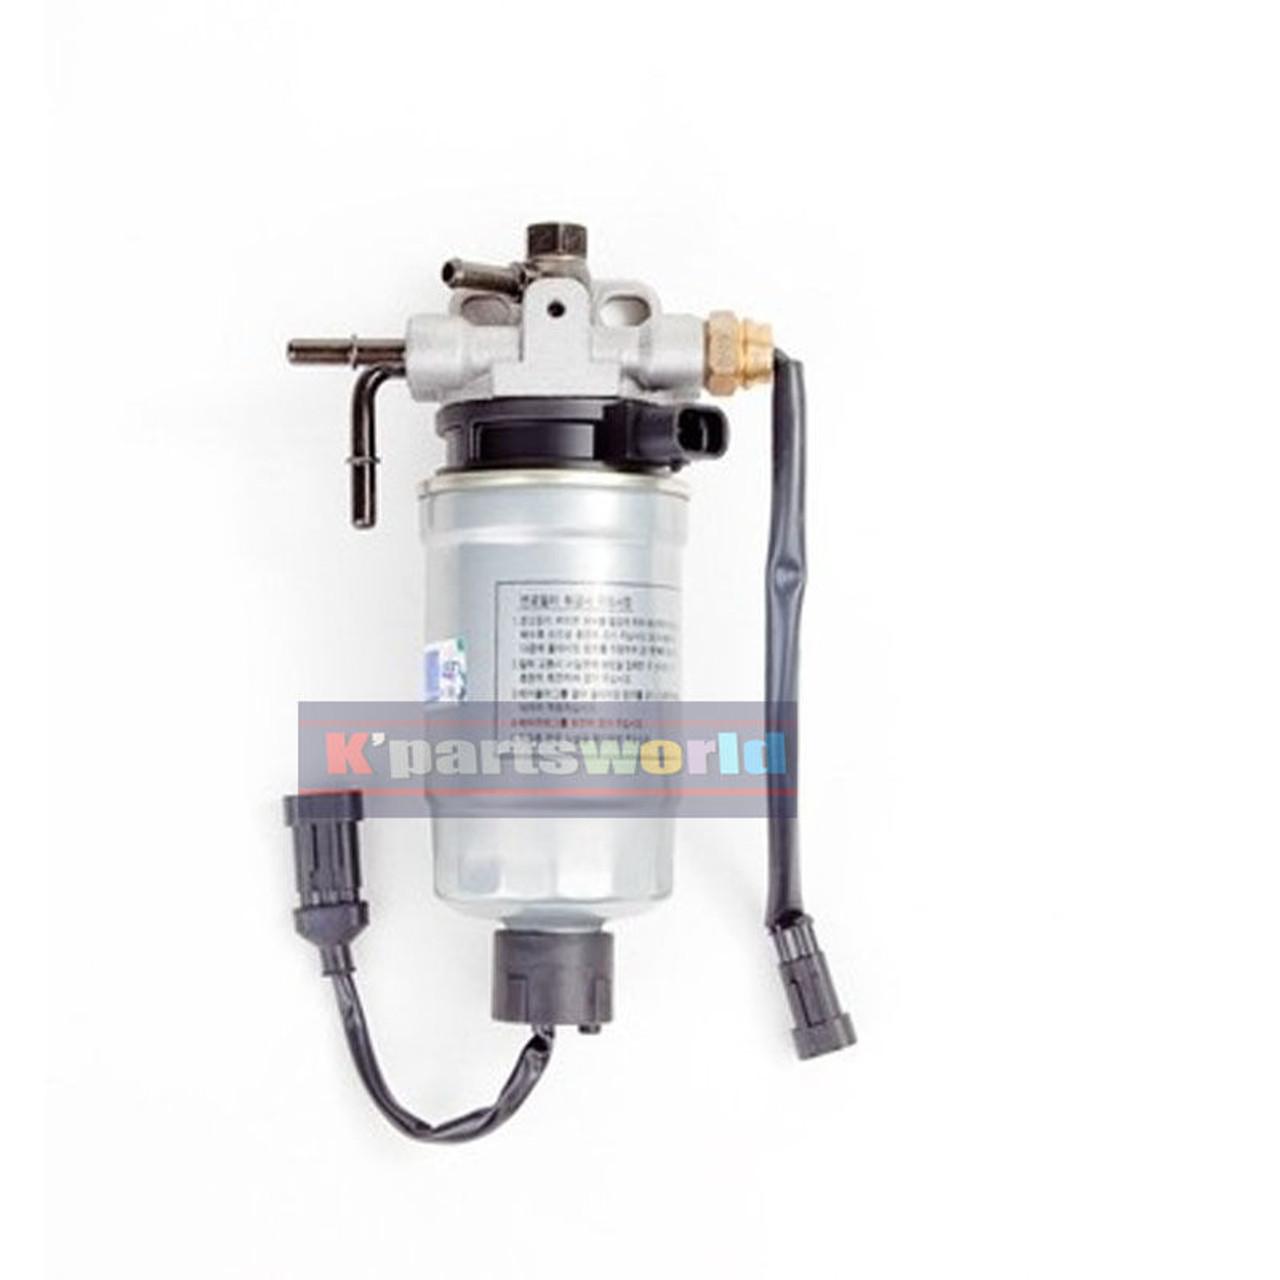 fuel filter water separator assy 319703e10a 31970 3e10a for kia sorento 2004~09 Kia Sorento Center Console Right